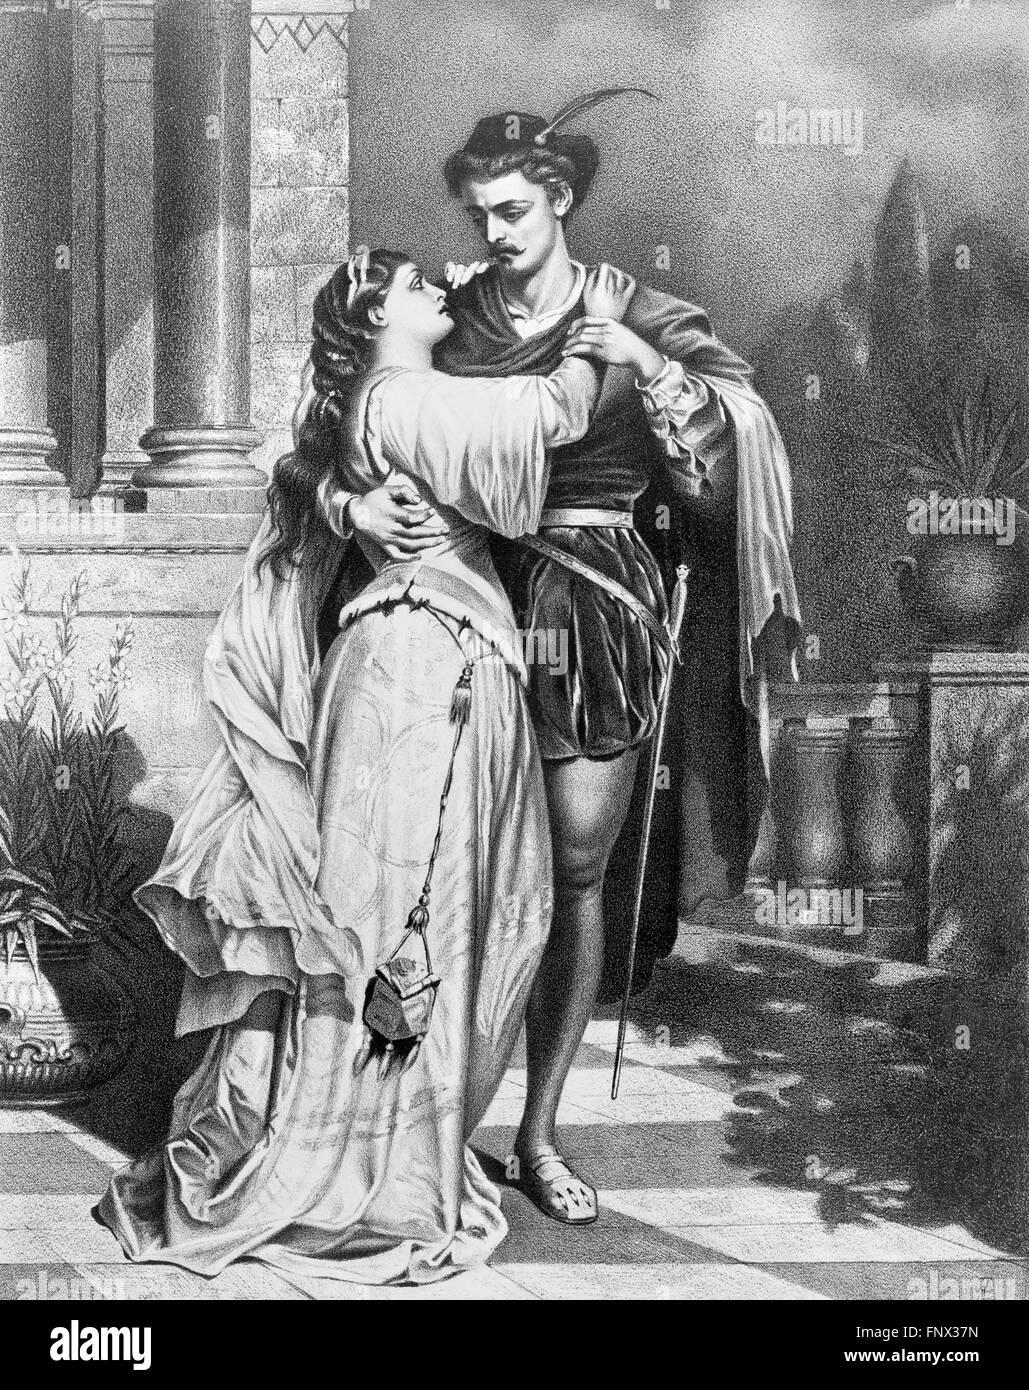 Roméo et Juliette. Une 19thC affiche publicitaire de Shakespeare's 'Roméo et Juliette', 1879. Banque D'Images